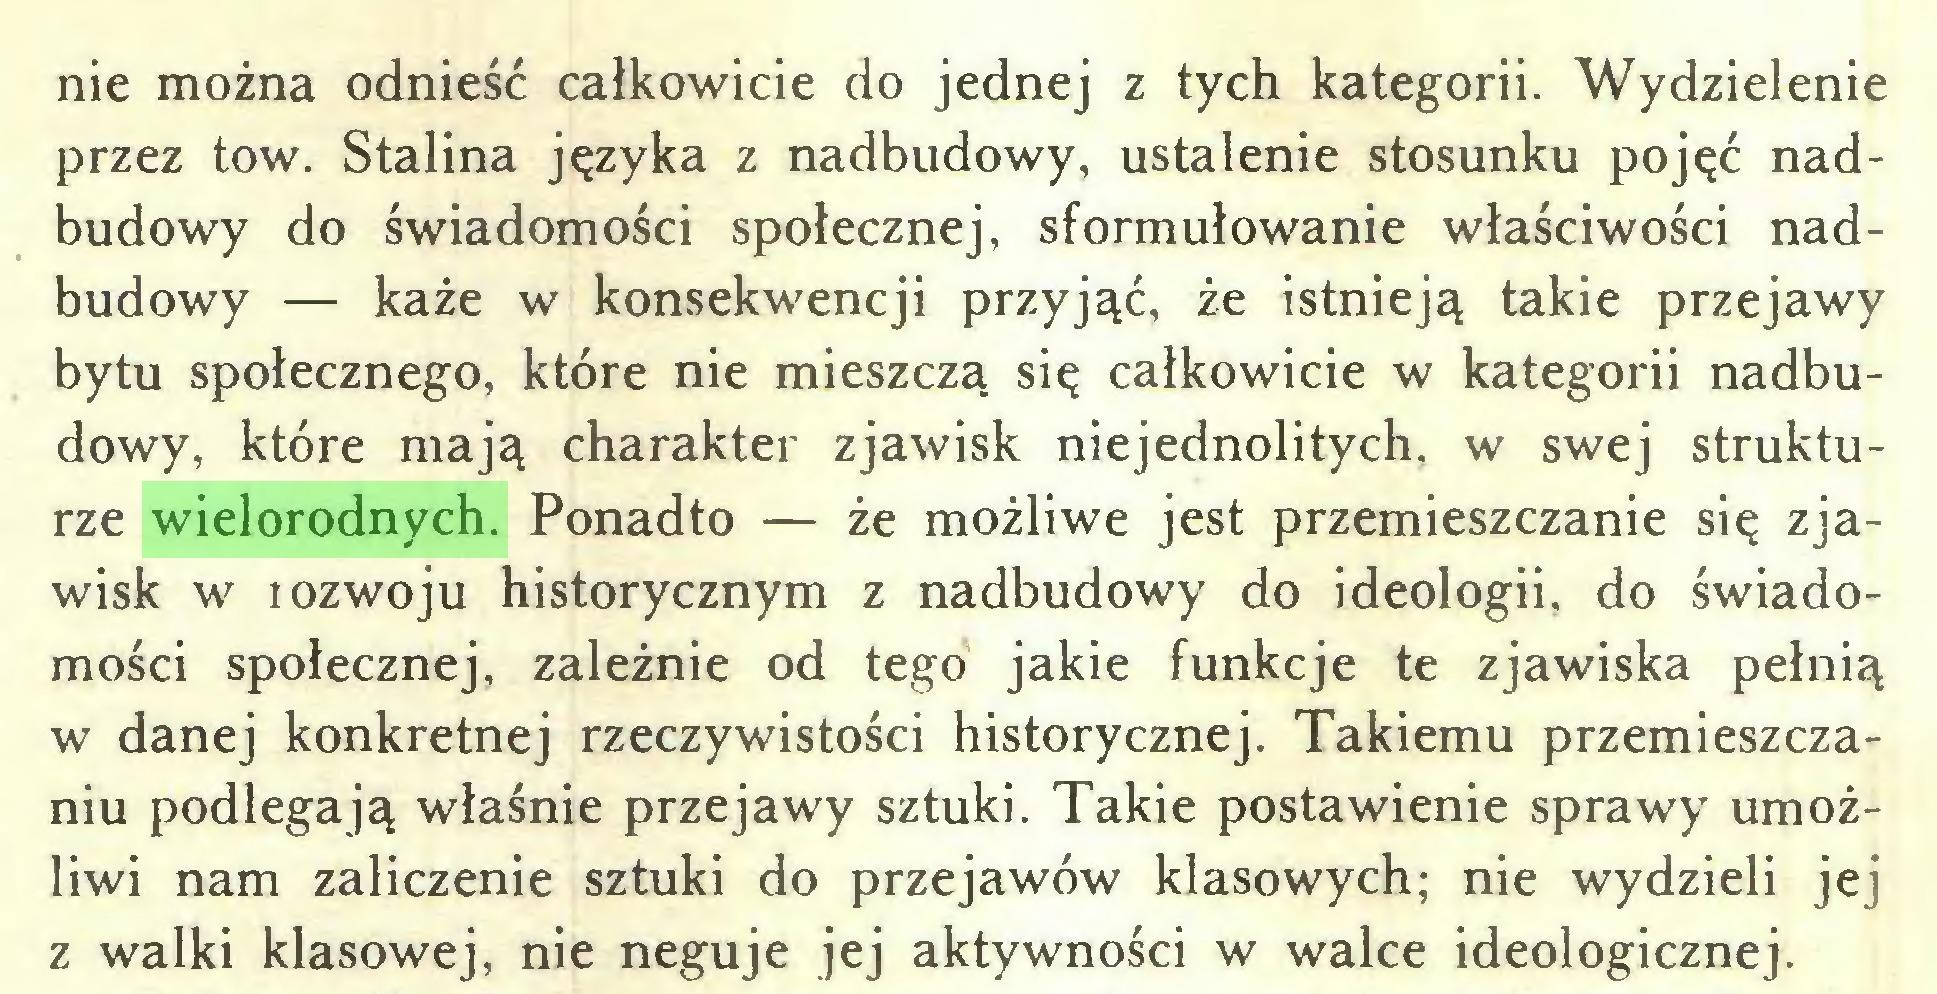 (...) nie można odnieść całkowicie do jednej z tych kategorii. Wydzielenie przez tow. Stalina języka z nadbudowy, ustalenie stosunku pojęć nadbudowy do świadomości społecznej, sformułowanie właściwości nadbudowy — każe w konsekwencji przyjąć, że istnieją takie przejawy bytu społecznego, które nie mieszczą się całkowicie w kategorii nadbudowy, które mają charakter zjawisk niejednolitych, w swej strukturze wielorodnych. Ponadto — że możliwe jest przemieszczanie się zjawisk w rozwoju historycznym z nadbudowy do ideologii, do świadomości społecznej, zależnie od tego jakie funkcje te zjawiska pełnią w danej konkretnej rzeczywistości historycznej. Takiemu przemieszczaniu podlegają właśnie przejawy sztuki. Takie postawienie sprawy umożliwi nam zaliczenie sztuki do przejawów klasowych: nie wydzieli jej z walki klasowej, nie neguje jej aktywności w walce ideologicznej...